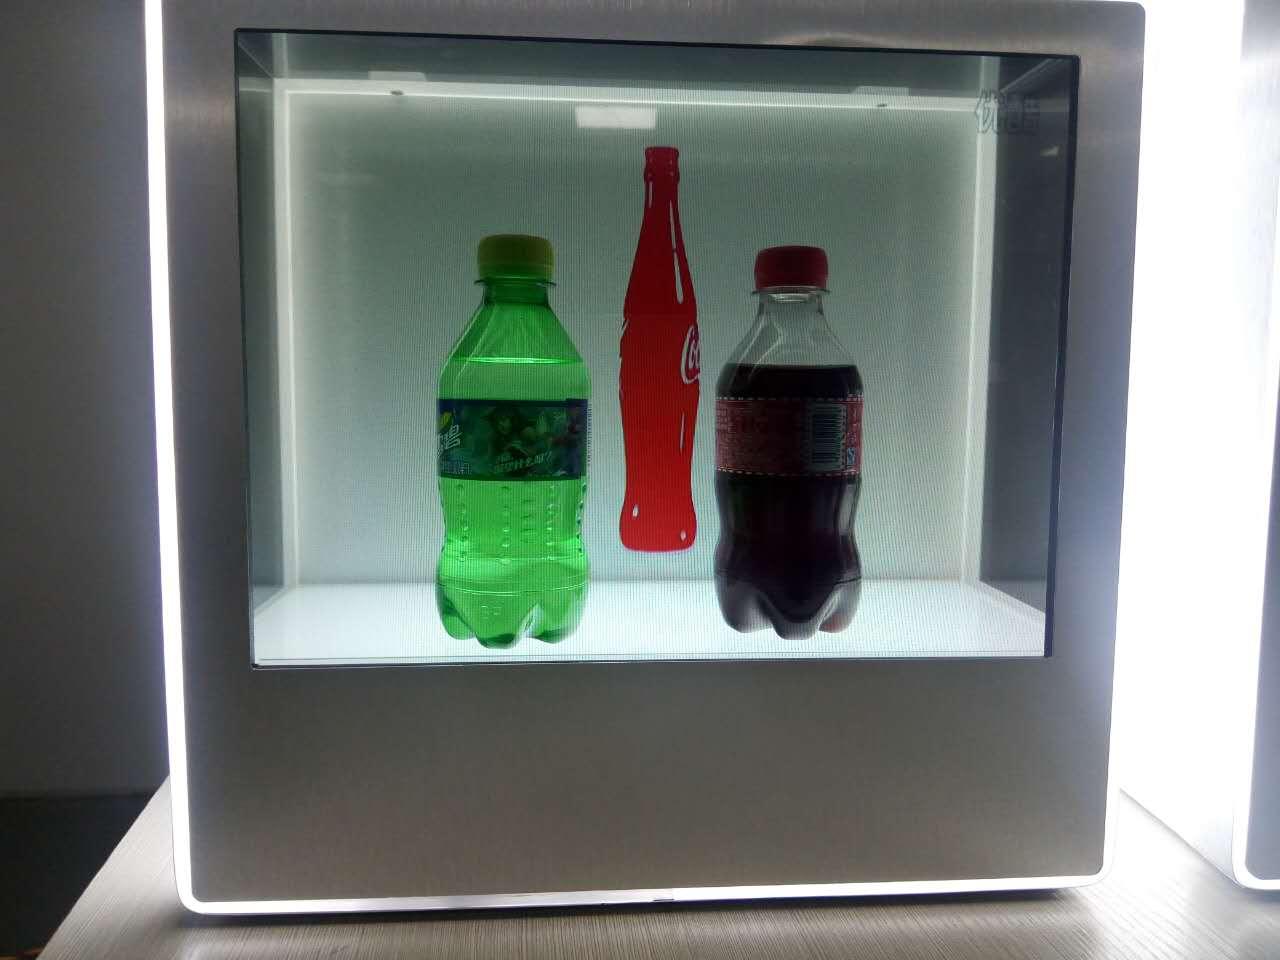 馬鞍山透明顯示器-買透明廣告機就上東莞條形智能科技